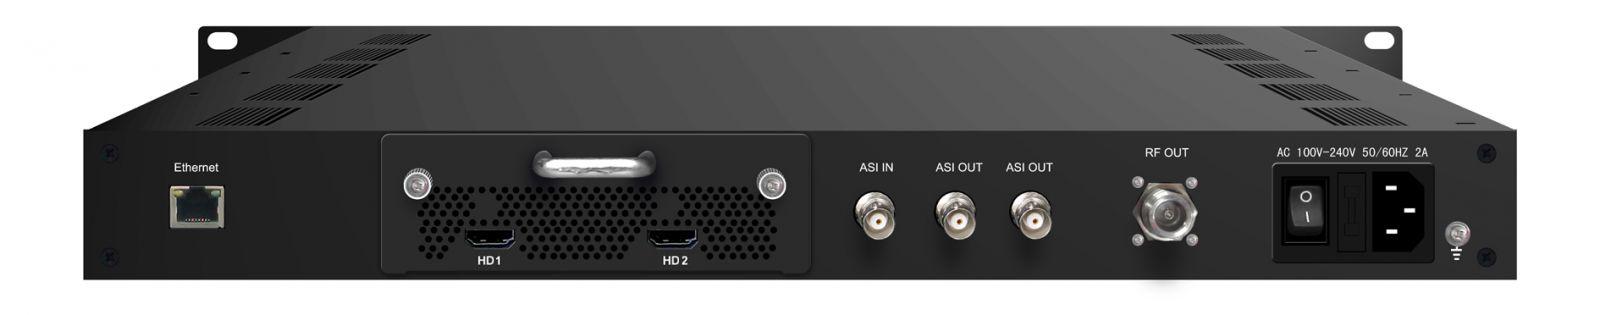 Jiexiang ASI/IP to HD 1080P DVB-S Encoder Modulator